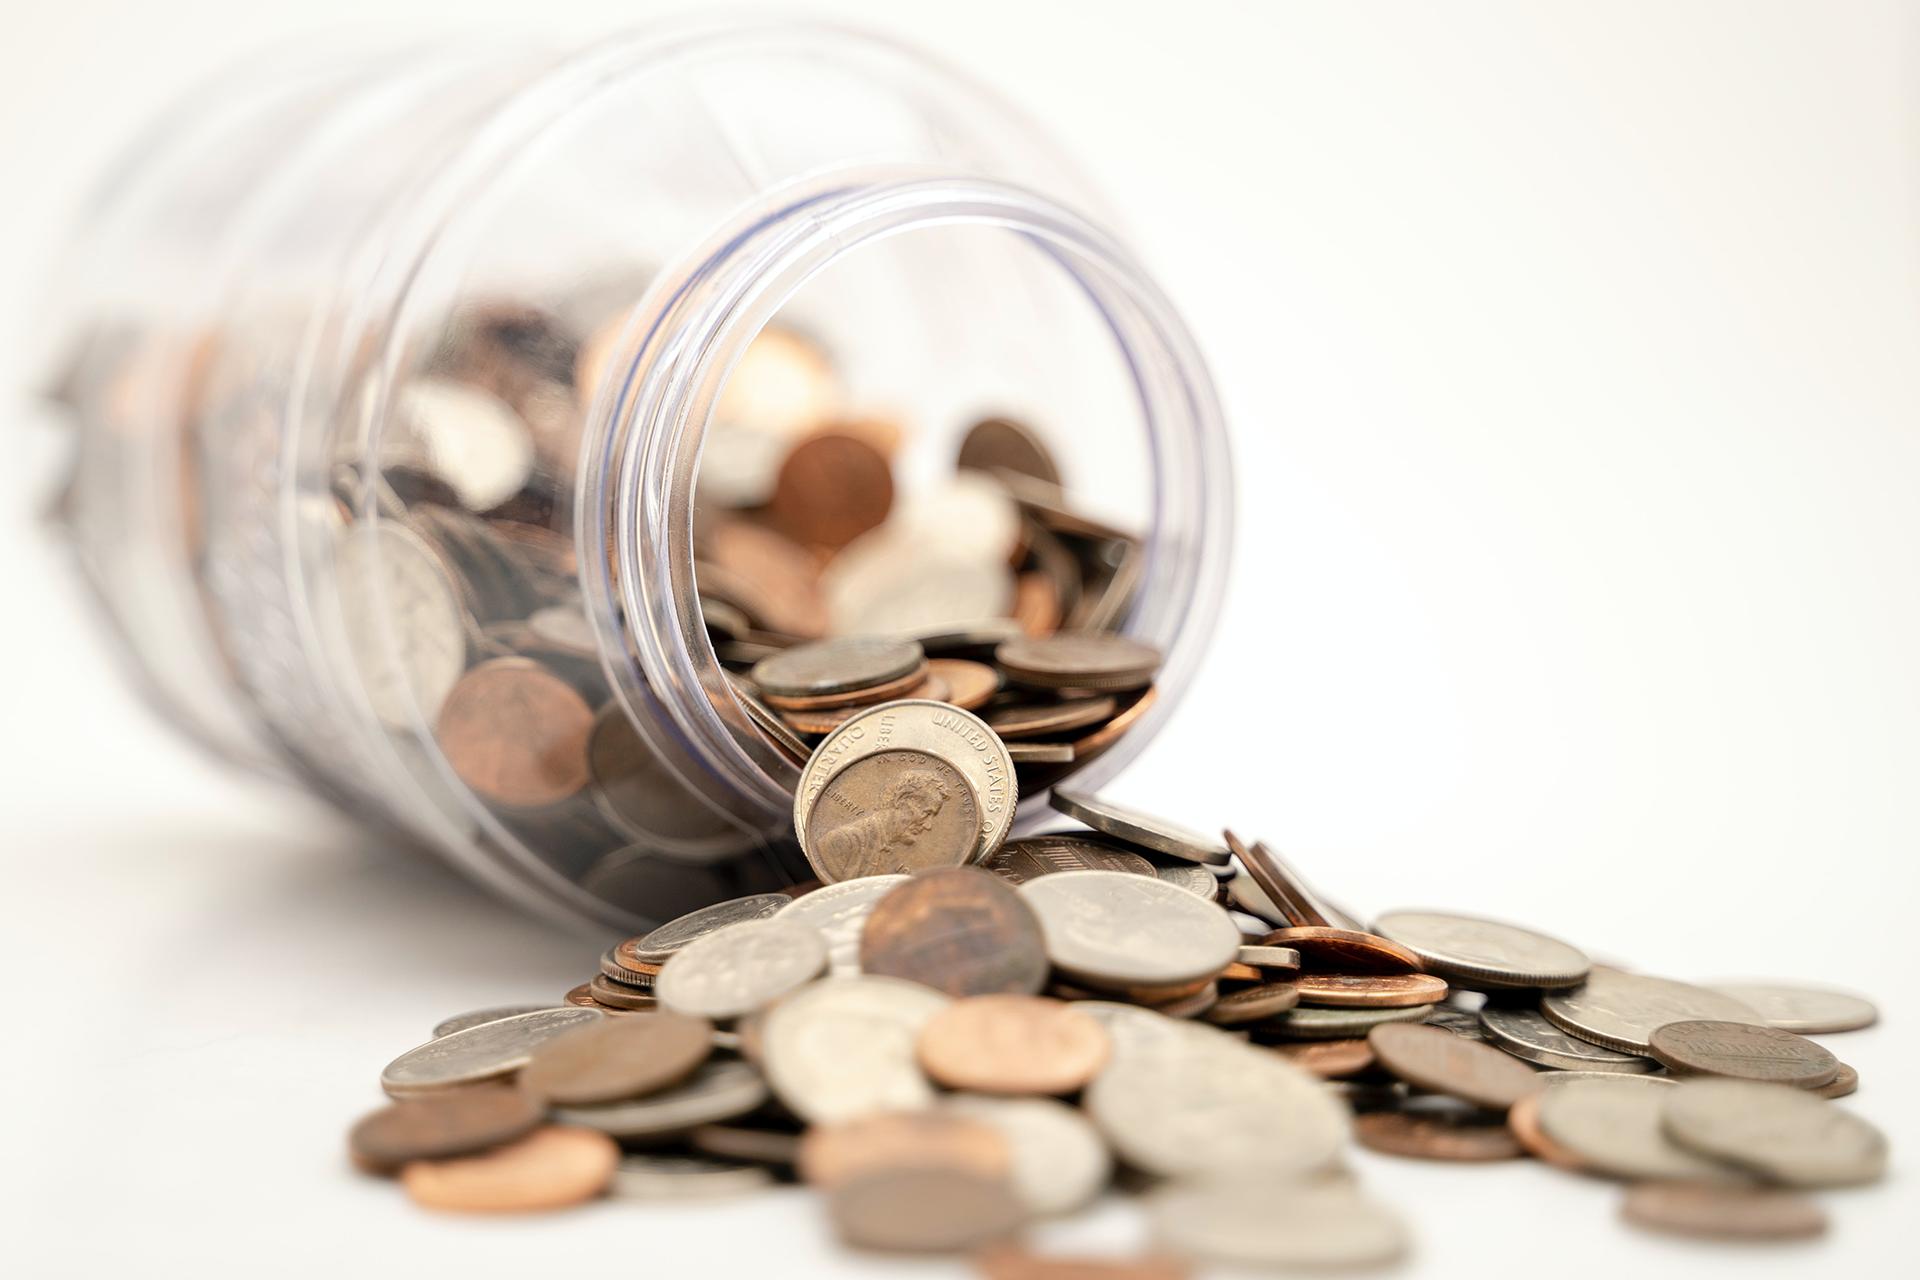 Glas gefüllt mit Geldmünzen symbolisiert Fördermöglichkeiten für Weiterbildungen